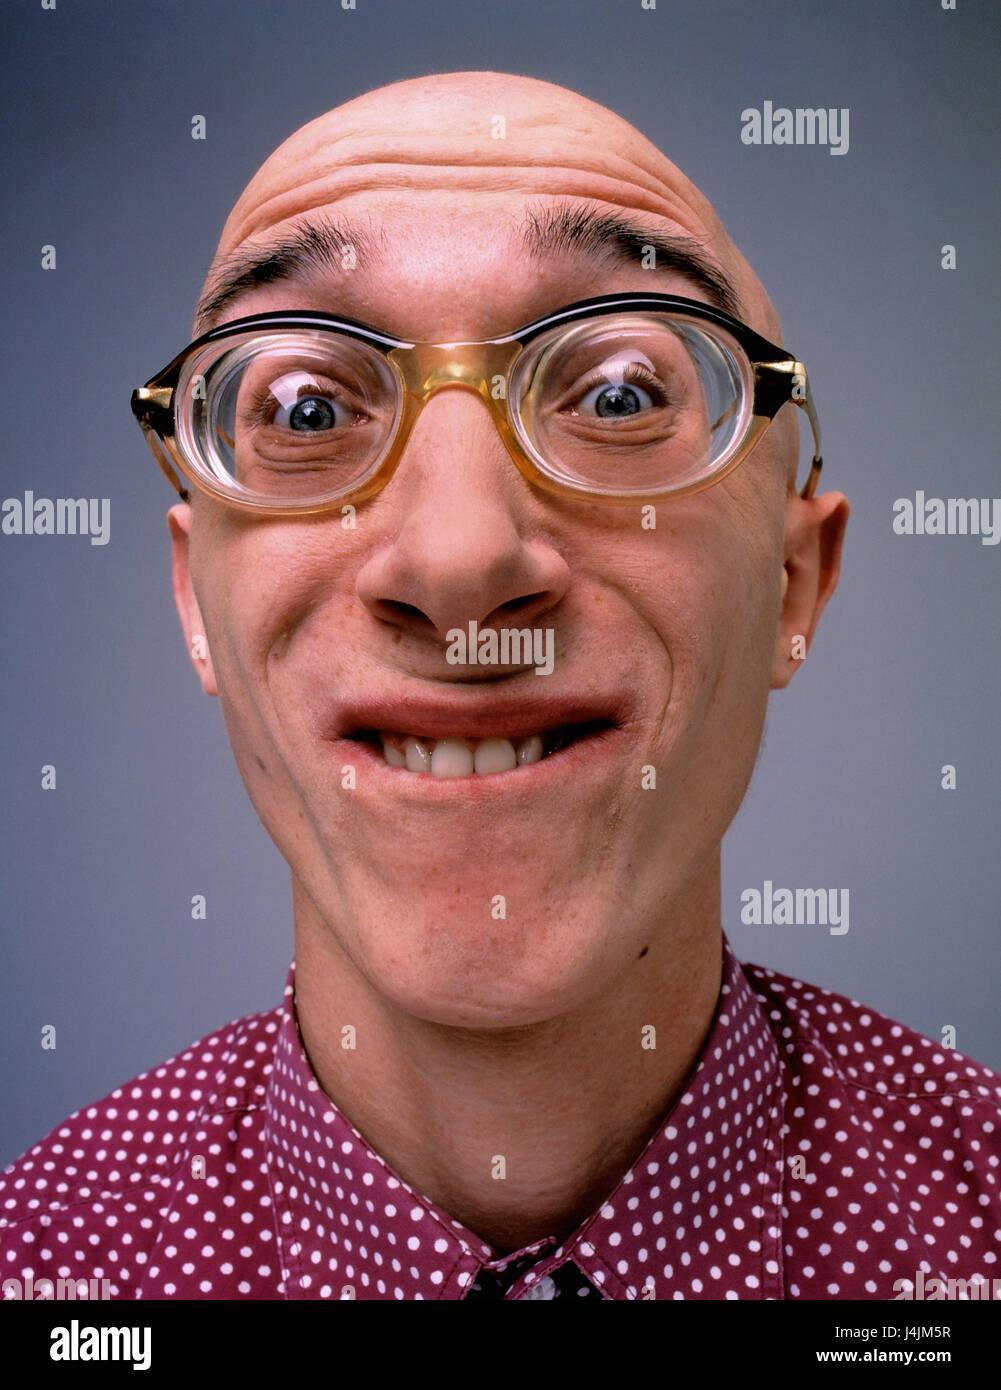 Mann, Glatze, Brille, Brille, stark, Mimik, Grimasse